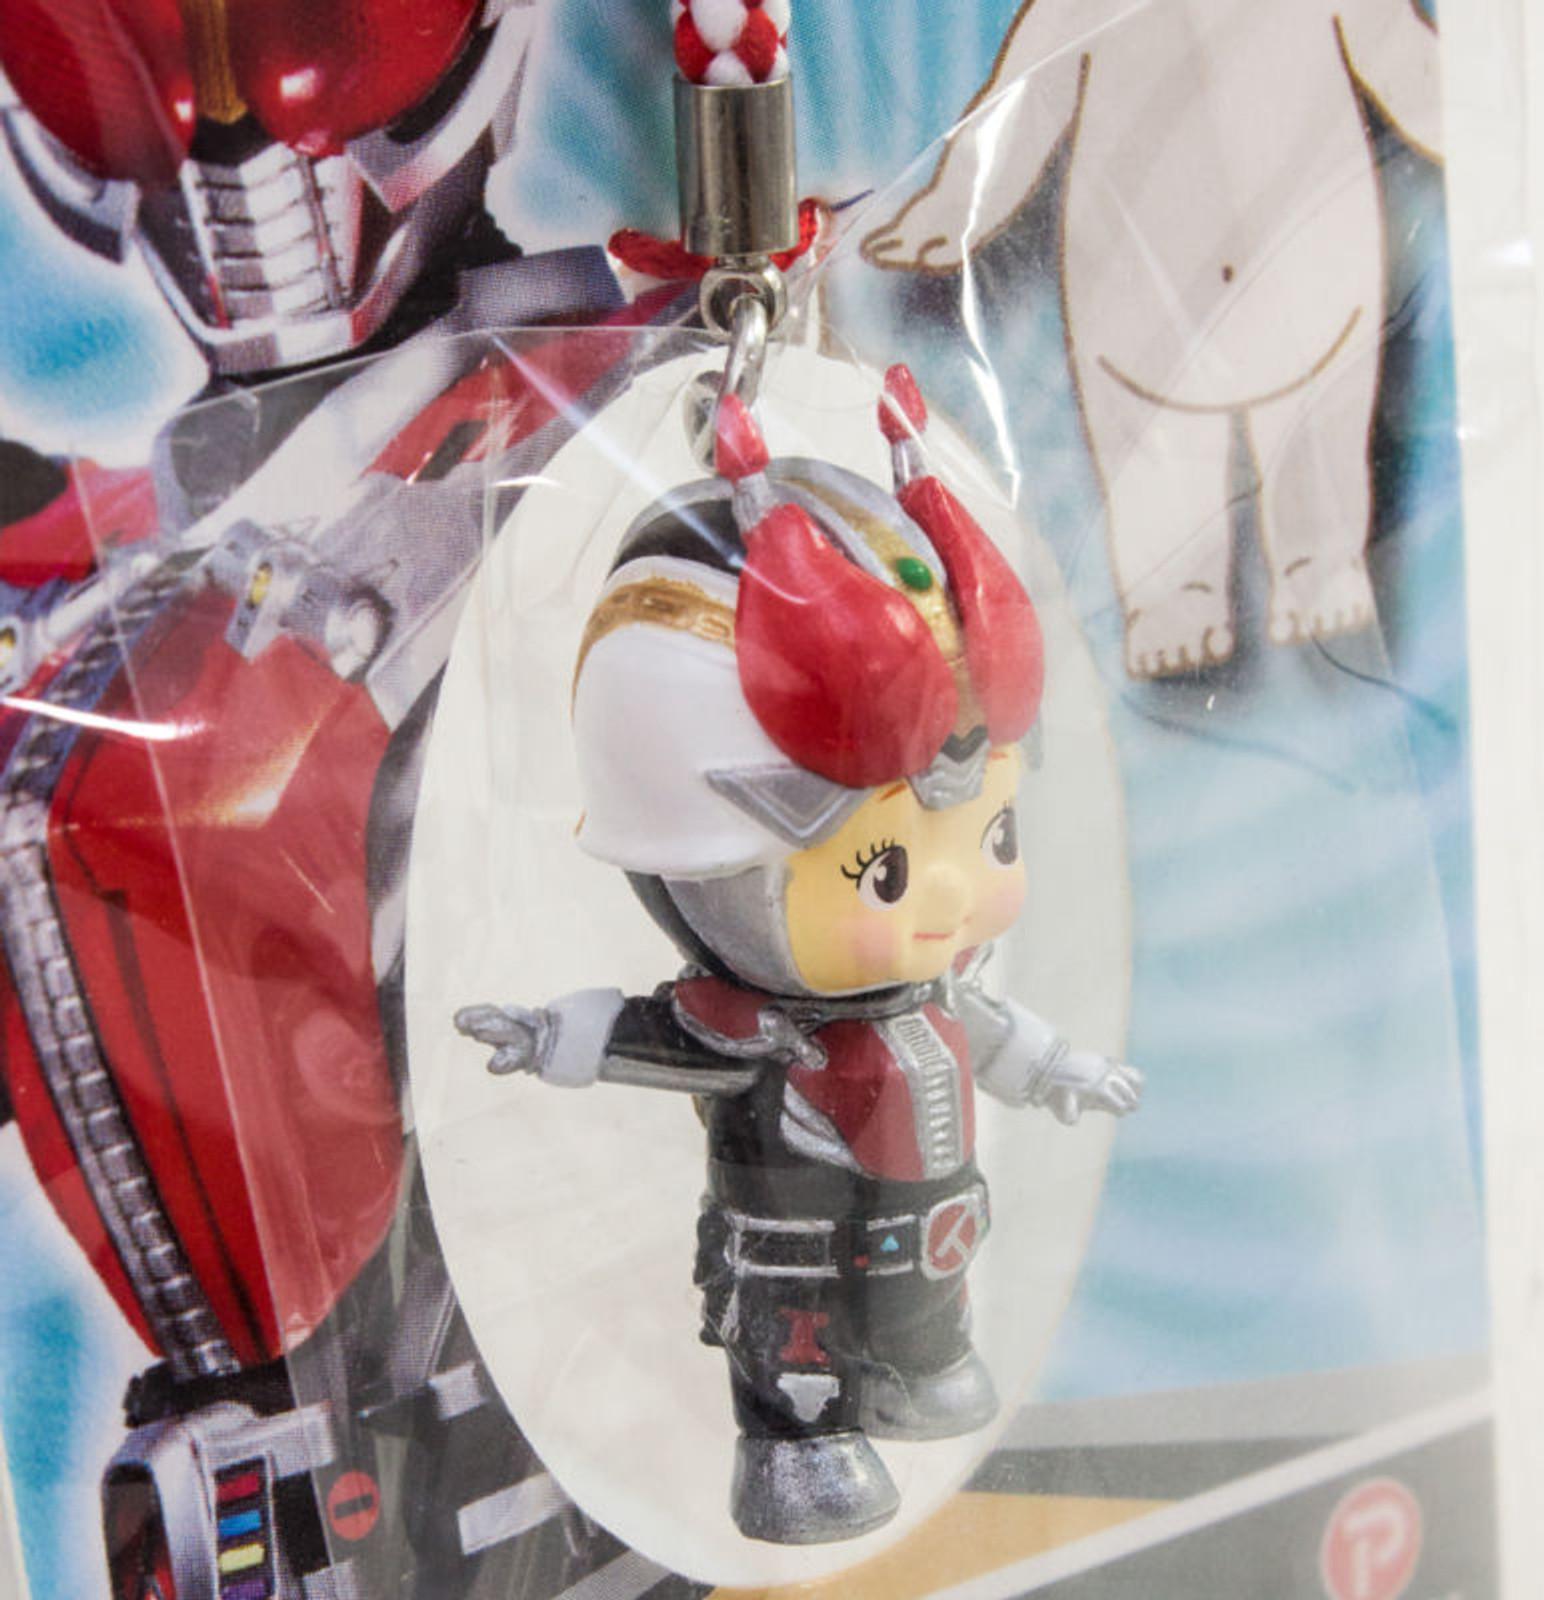 Kamen Rider Denoh Rose O'neill Kewpie Kewsion Strap JAPAN